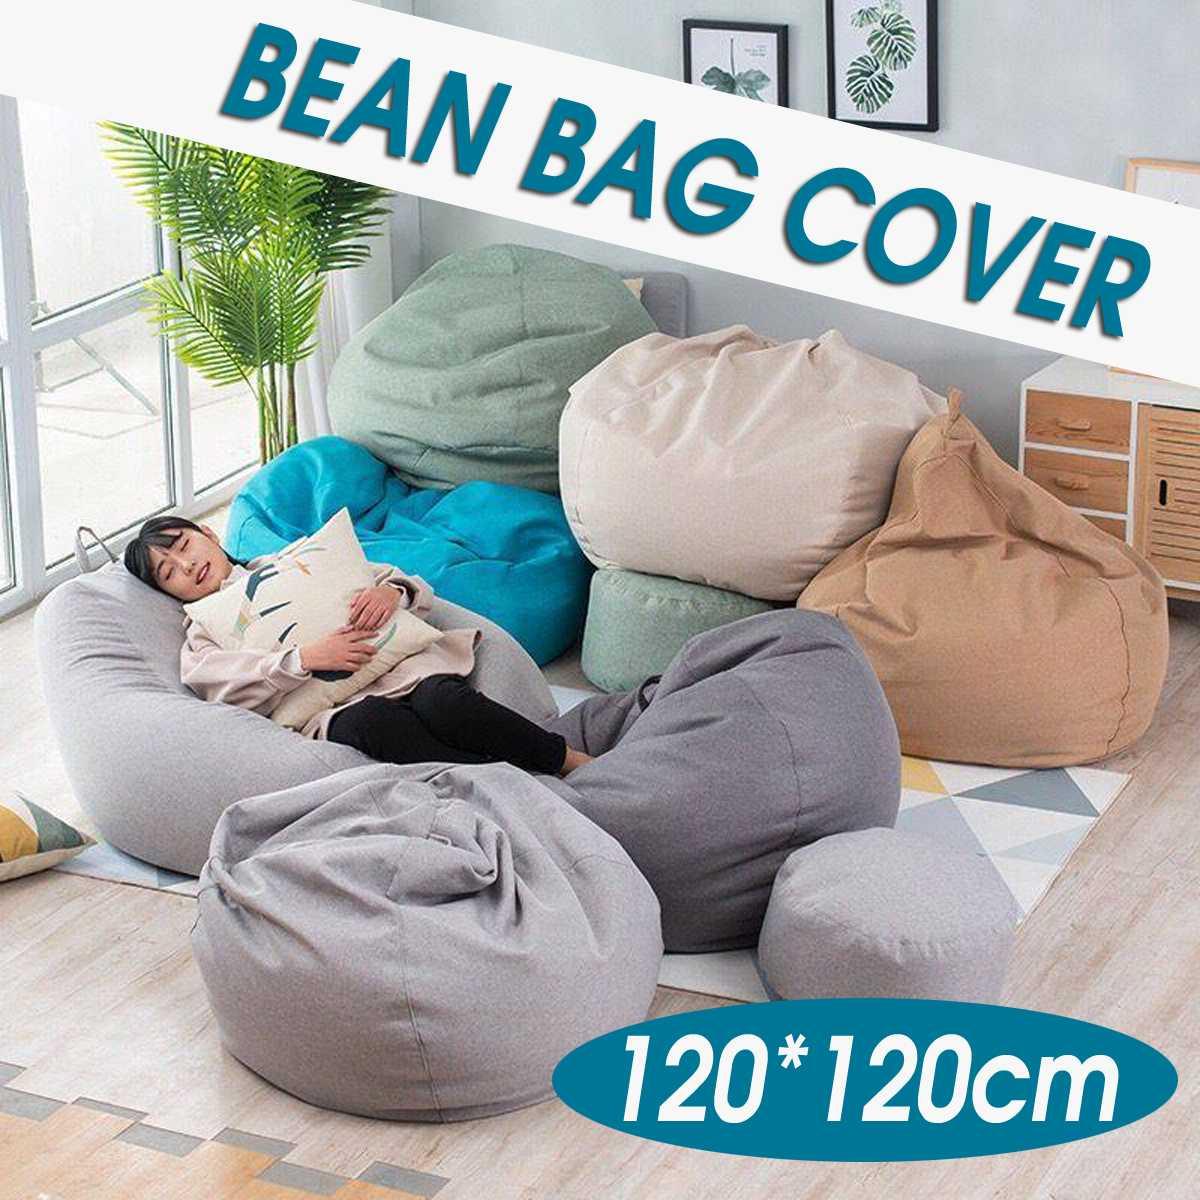 120x120cm Large Bean Bag Sofa Chair Cover Lounger Ottoman